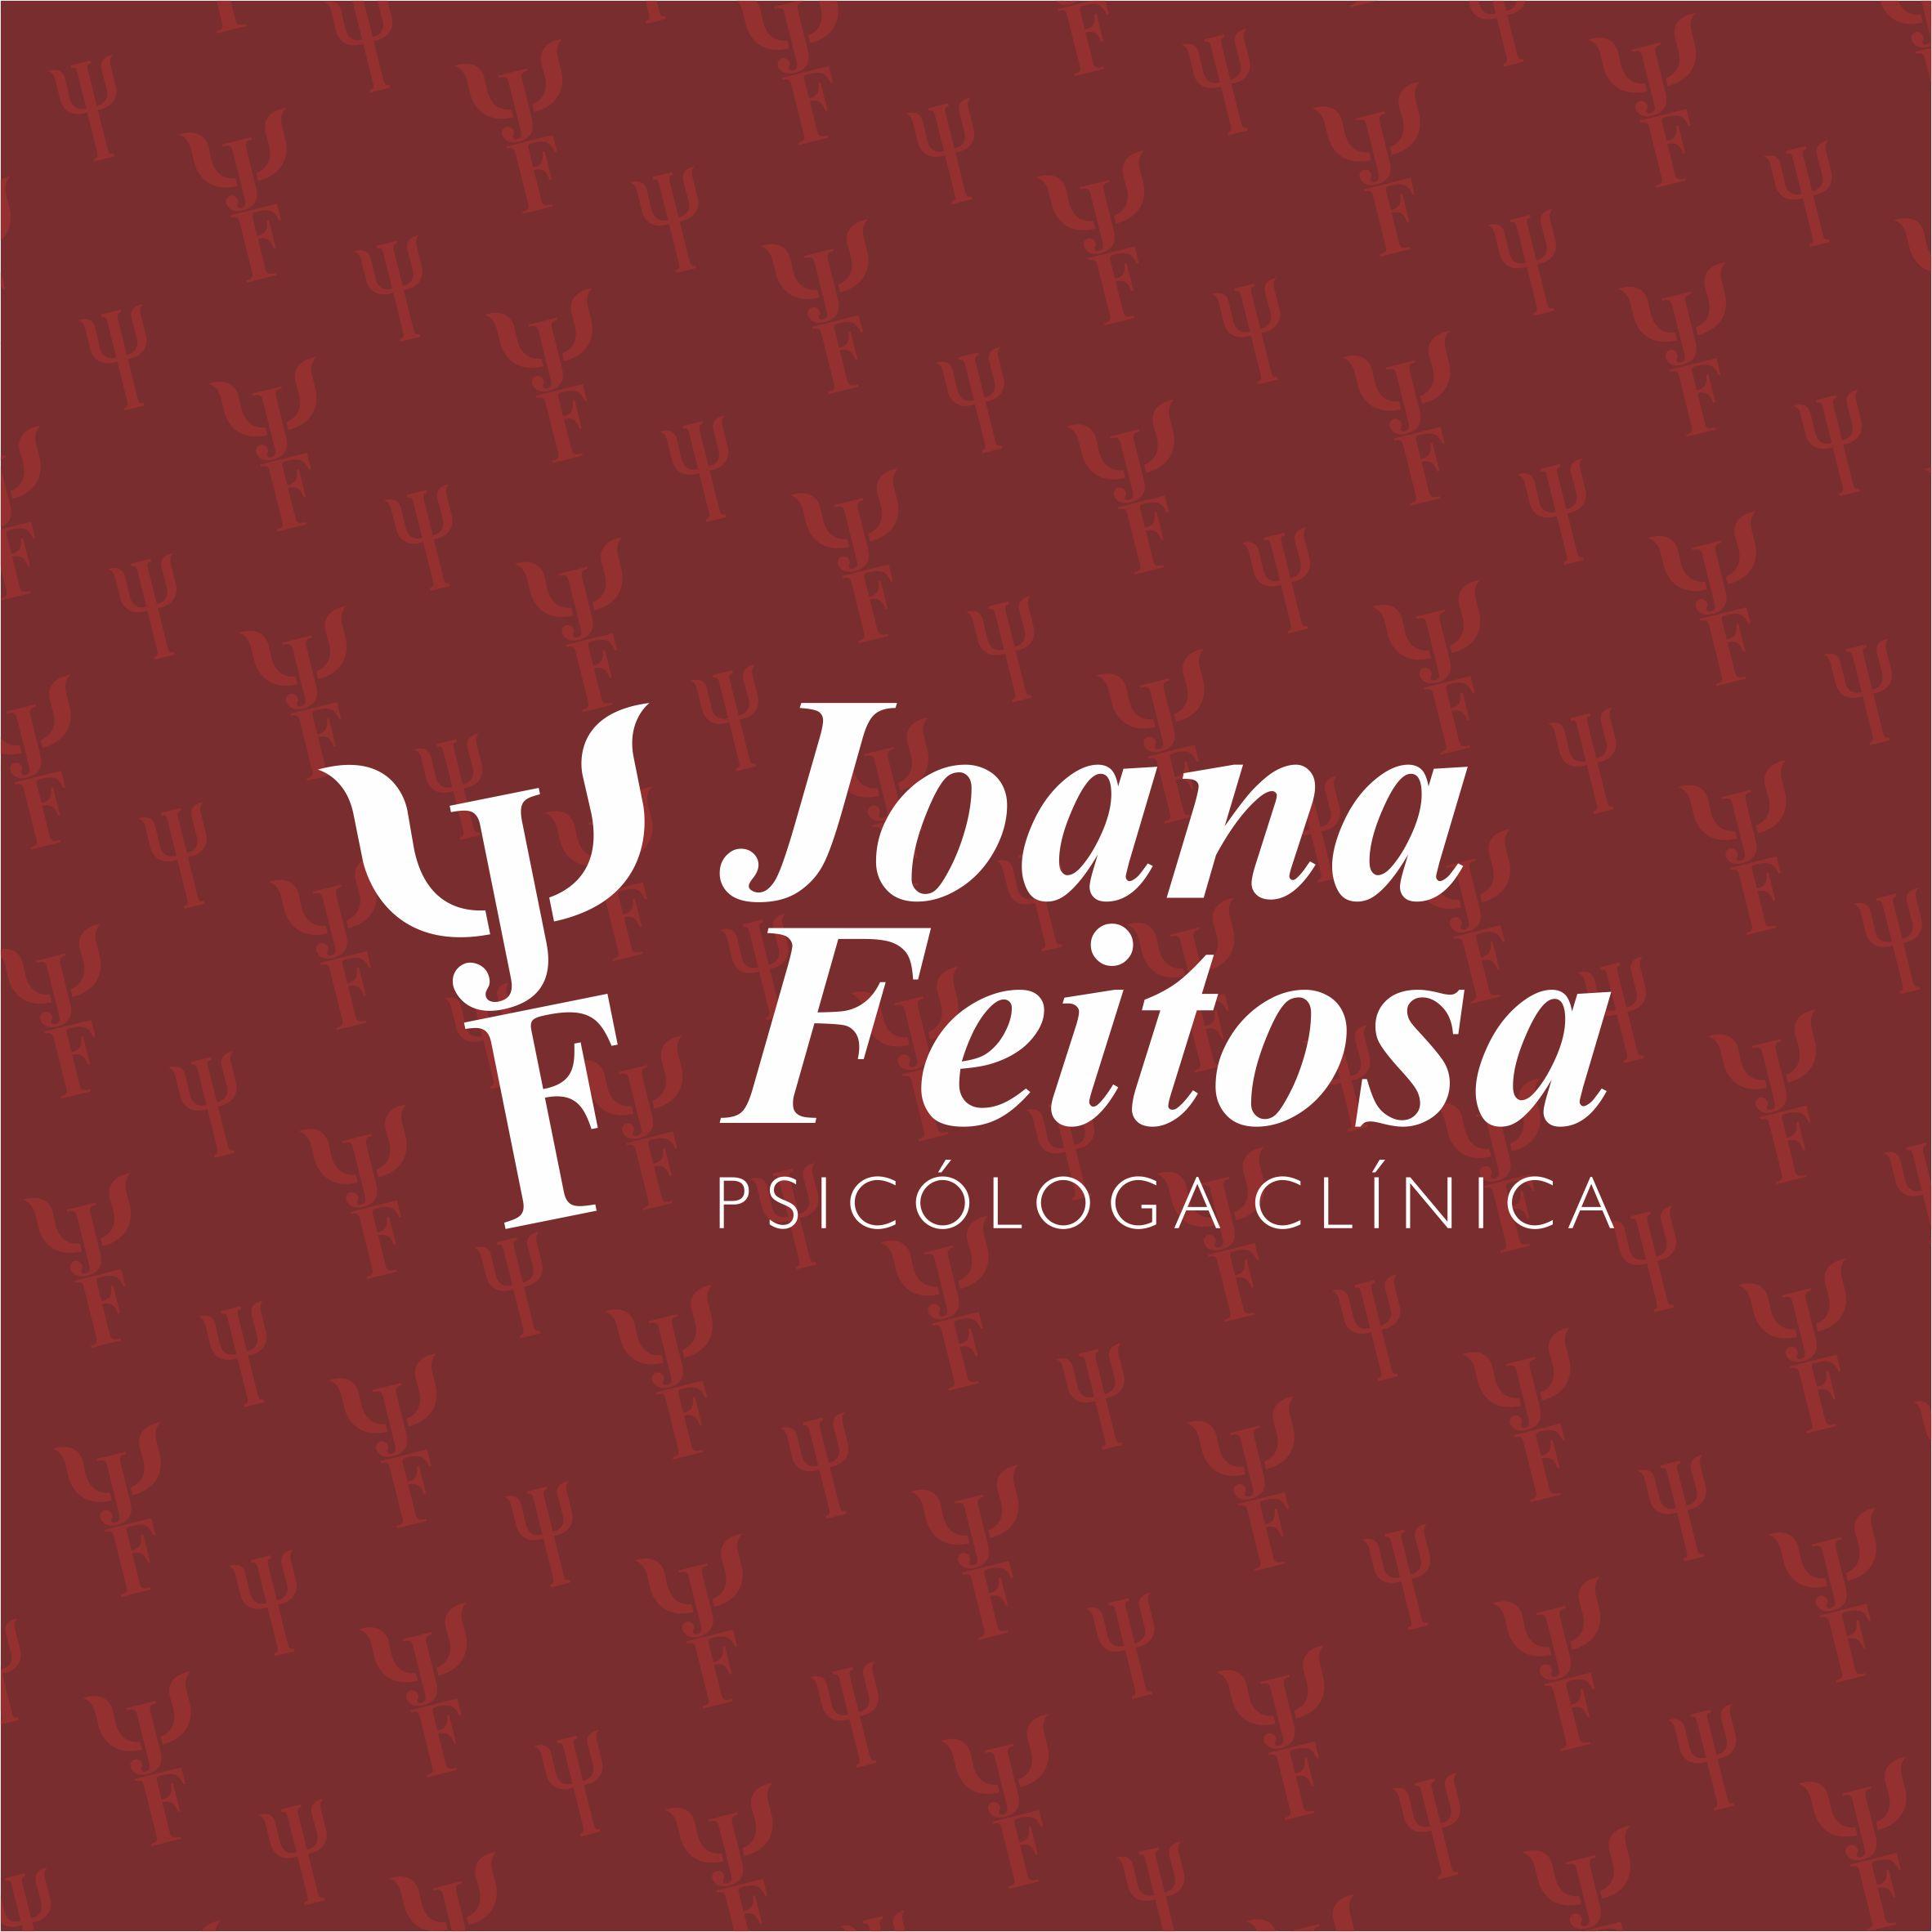 Joana Feitosa